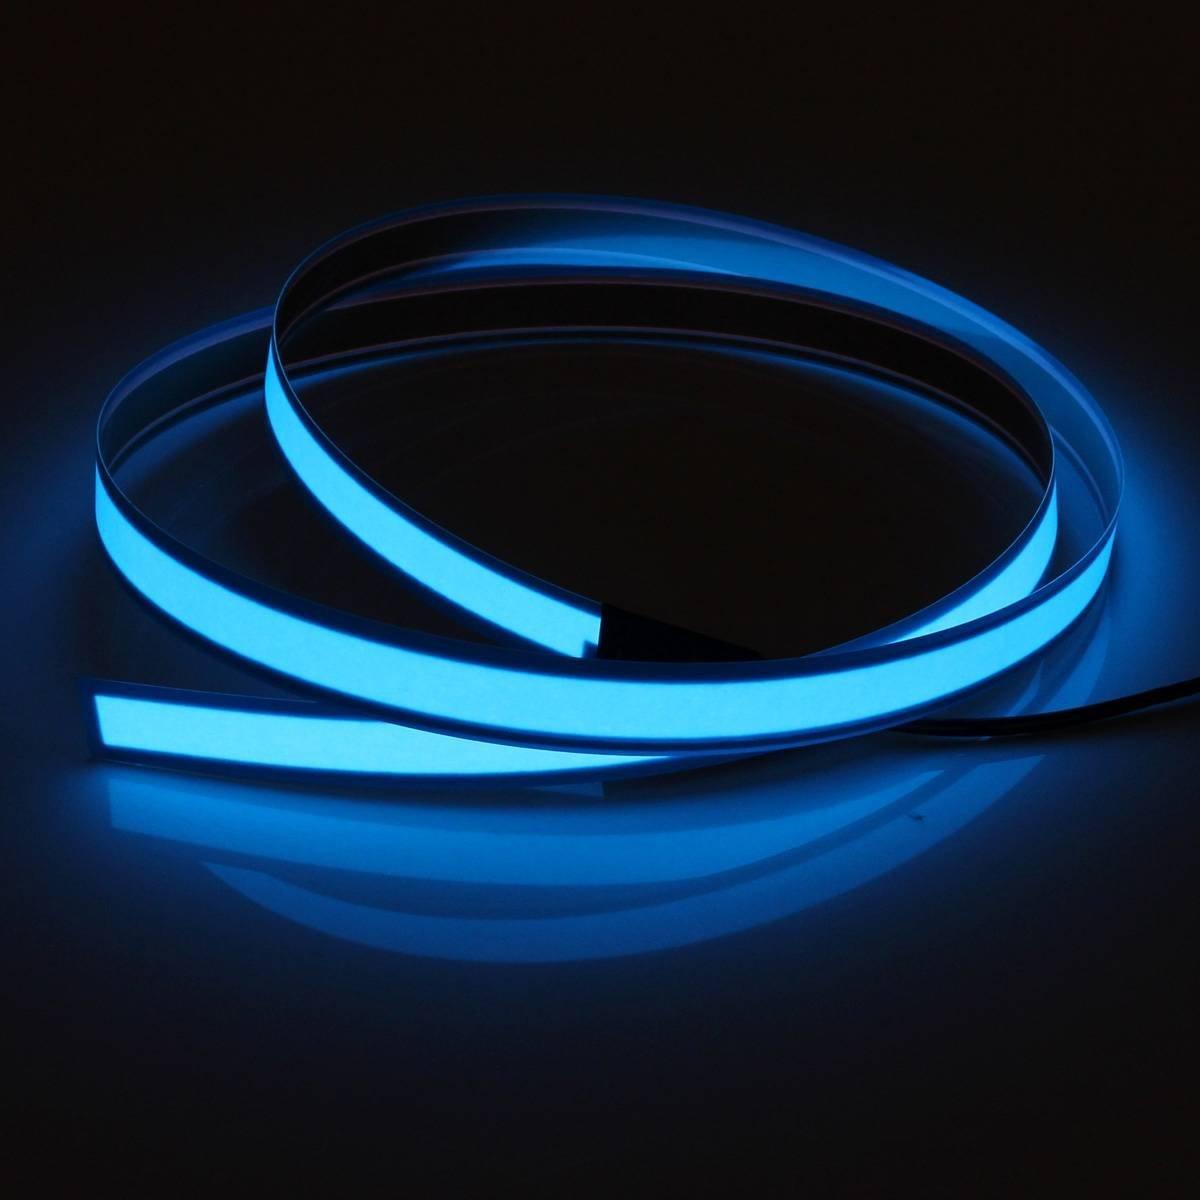 Lâmpadas de Néon e Tubos de bateria luz guirlanda decoração Marca : Gx.diffuser